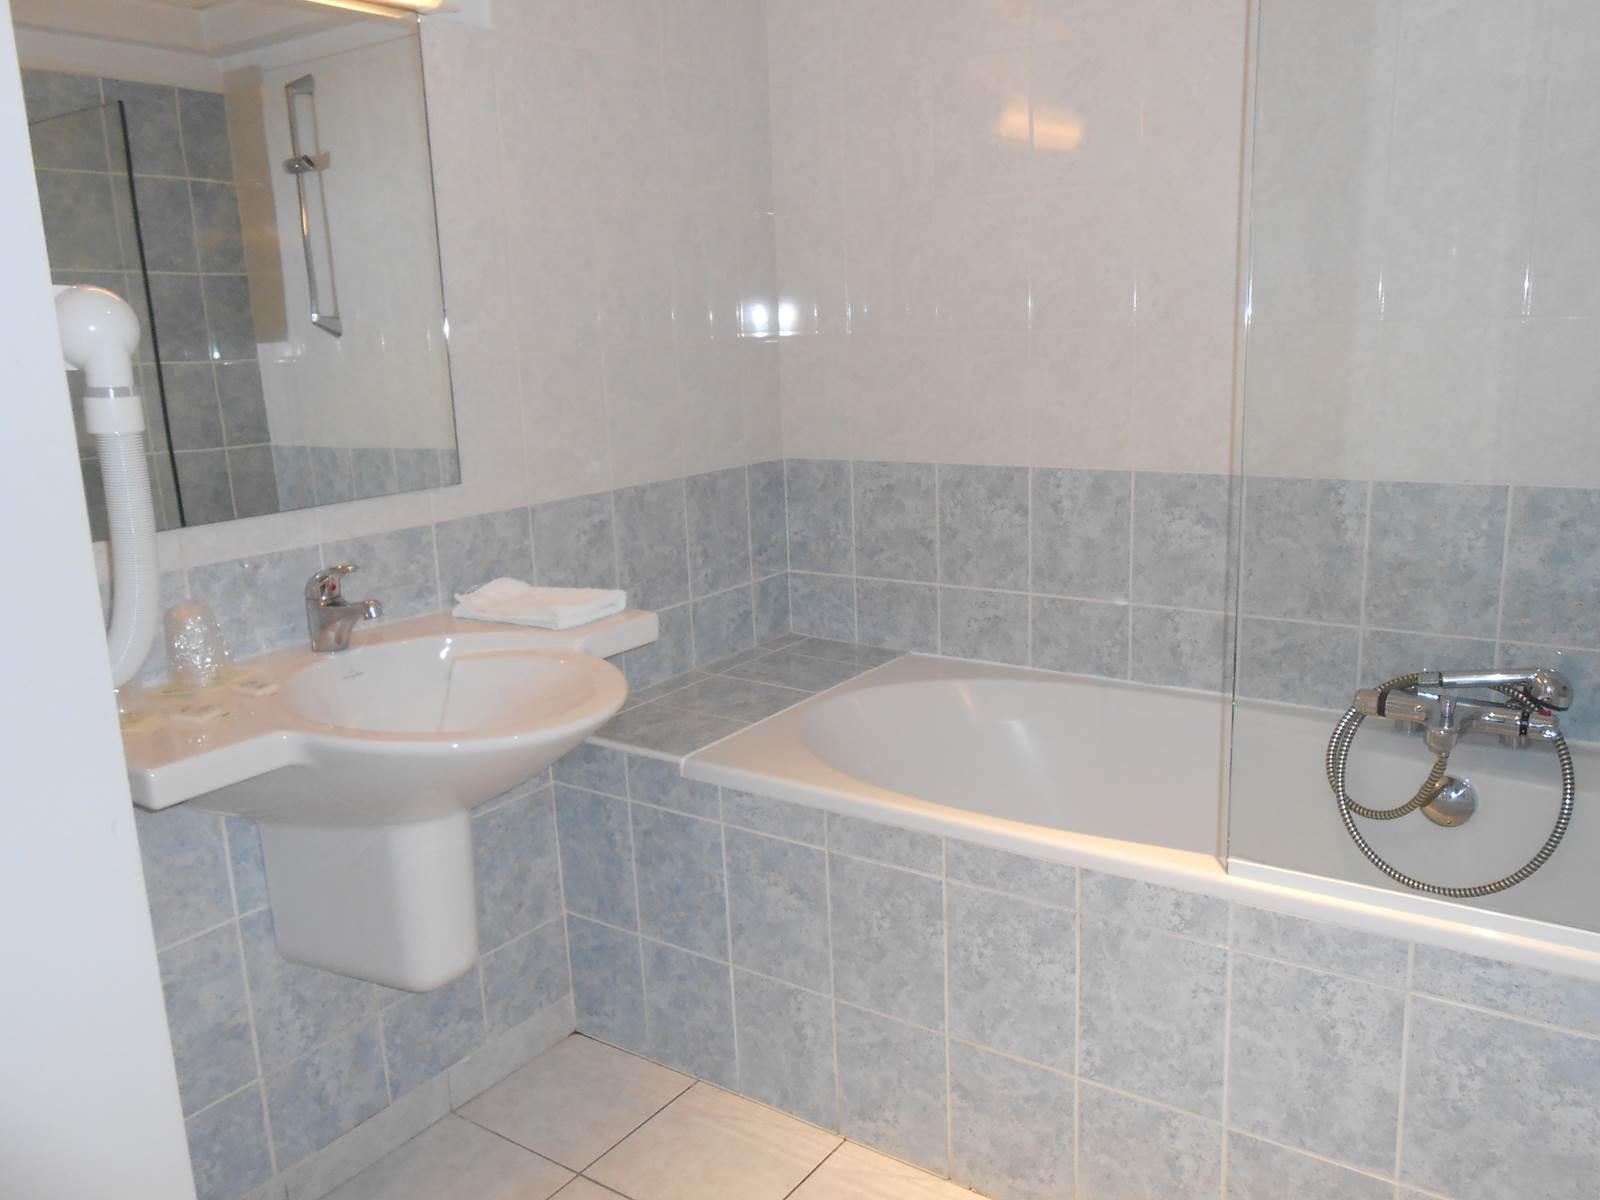 photo salle de bain le-tout-va-bien